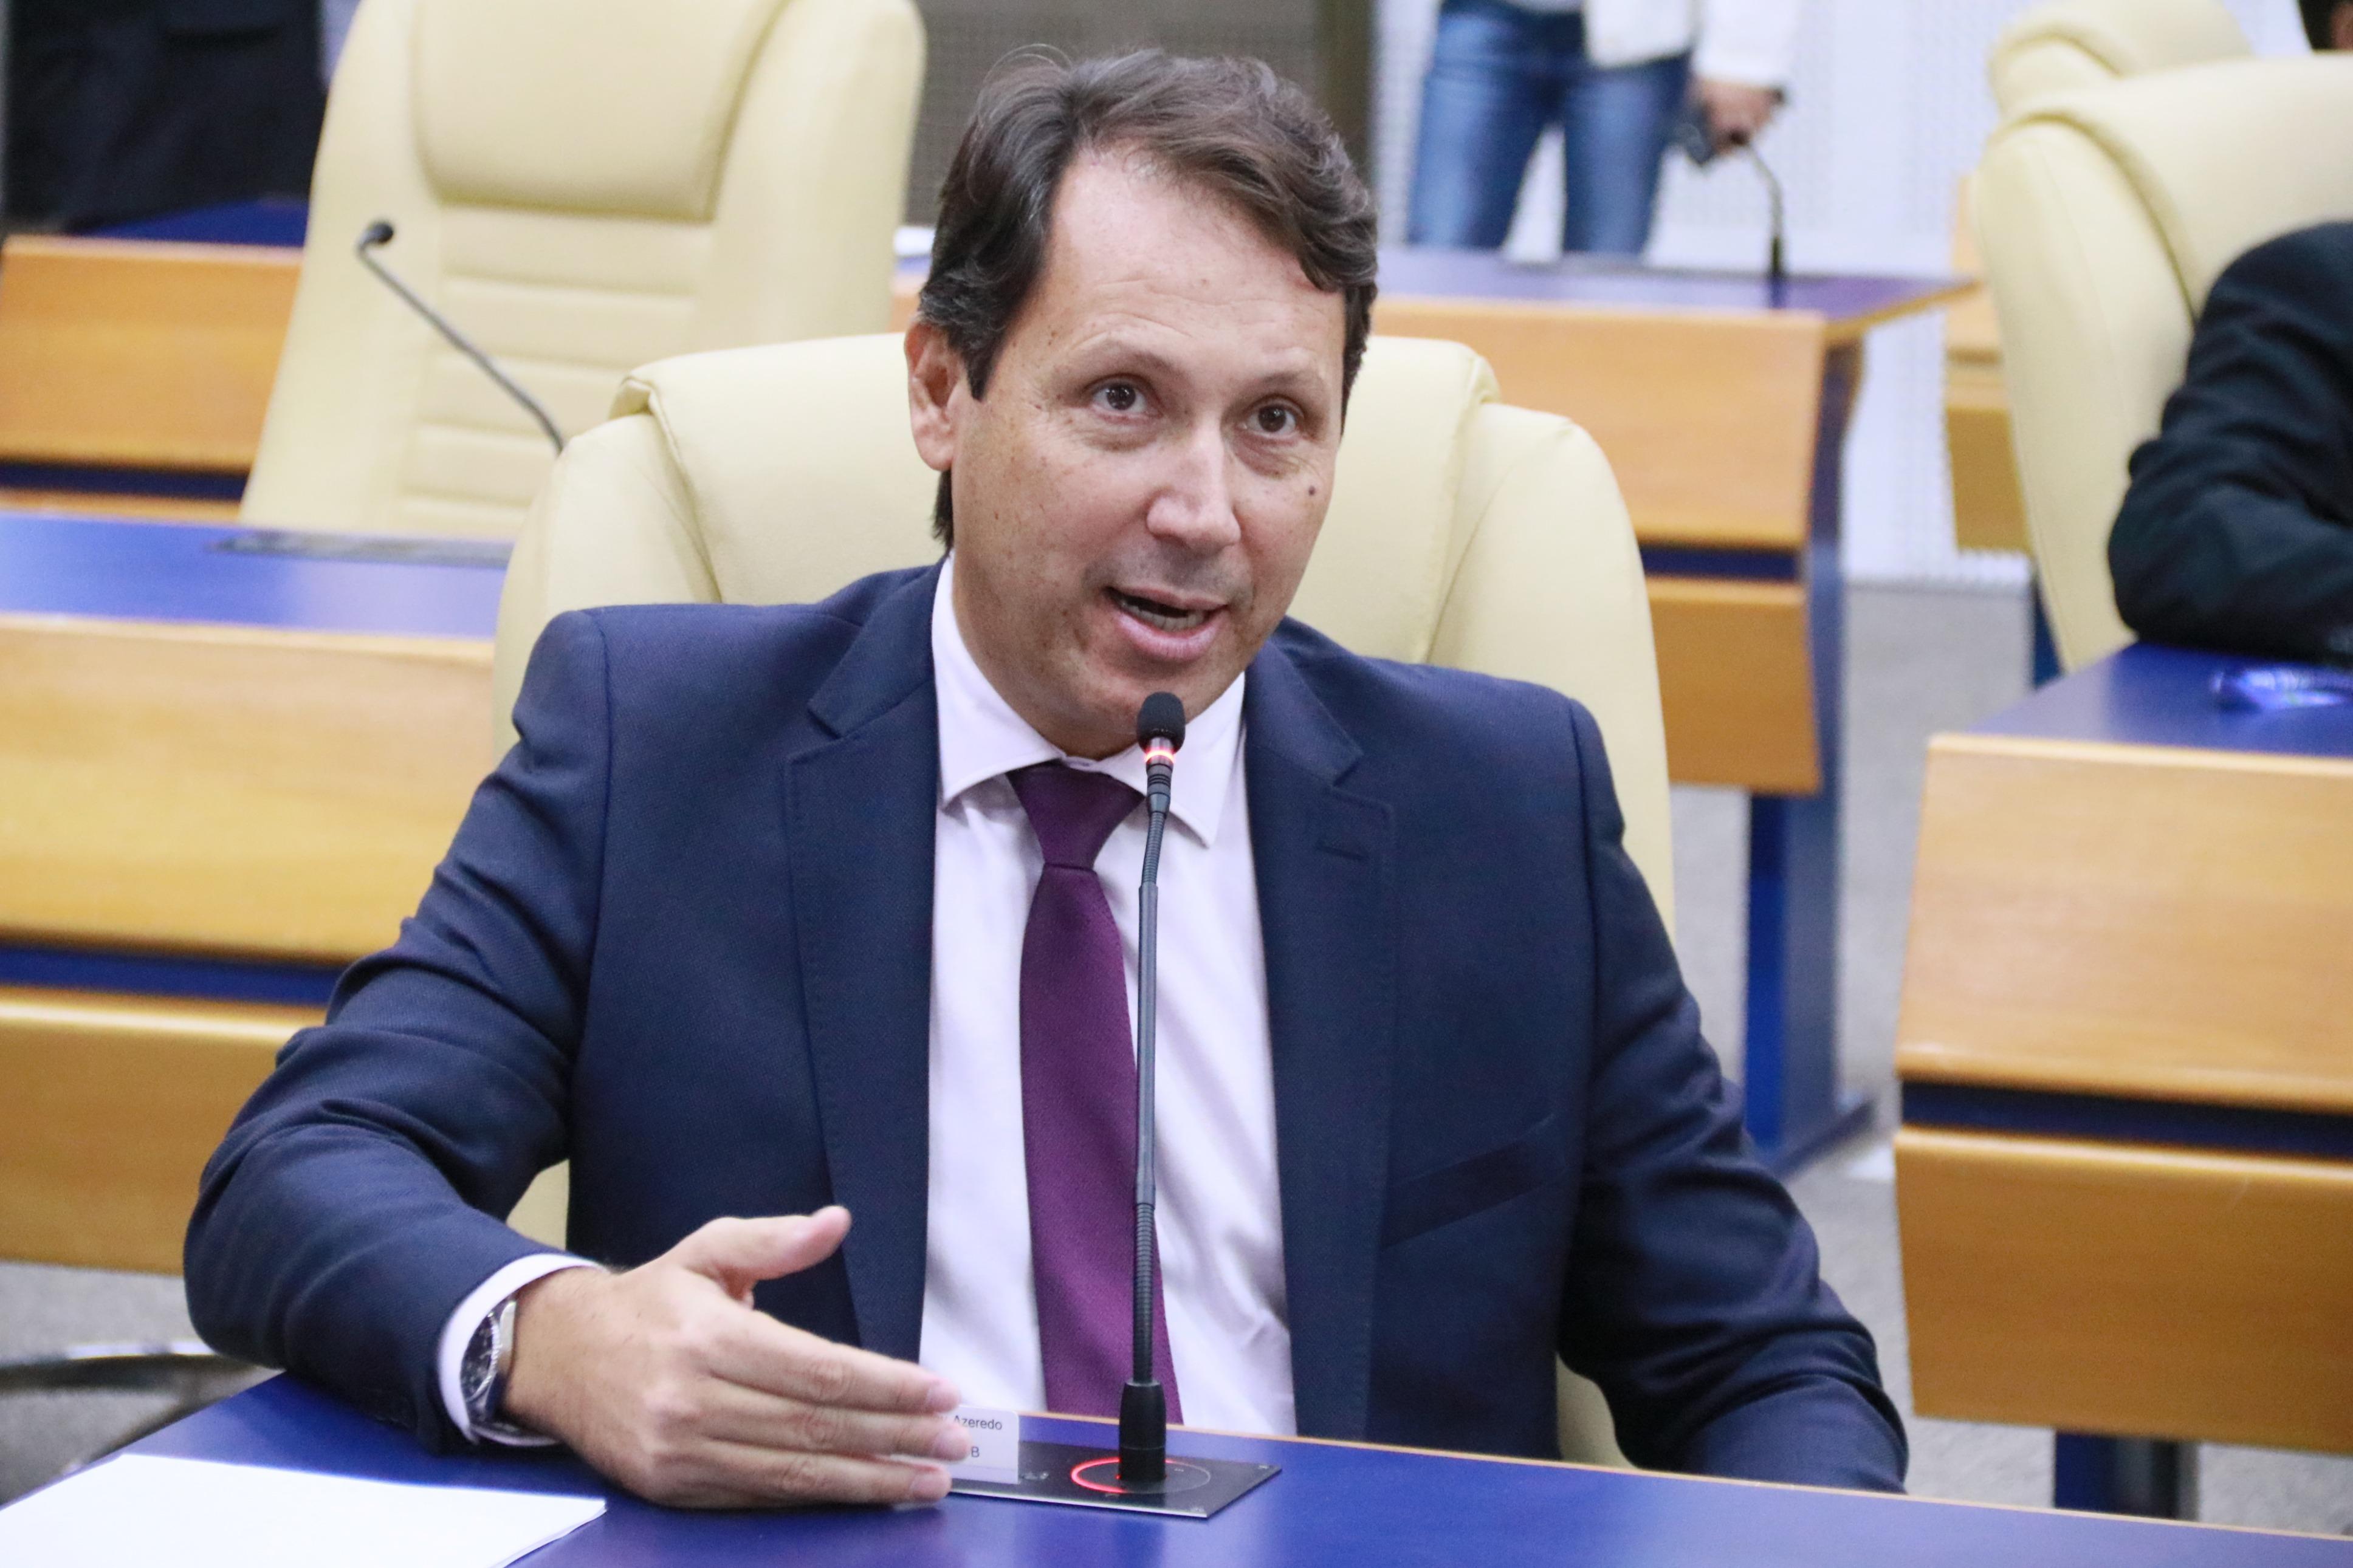 Andrey Azeredo solicita suspensão das sessões ordinárias na Câmara para evitar propagação do novo coronavírus